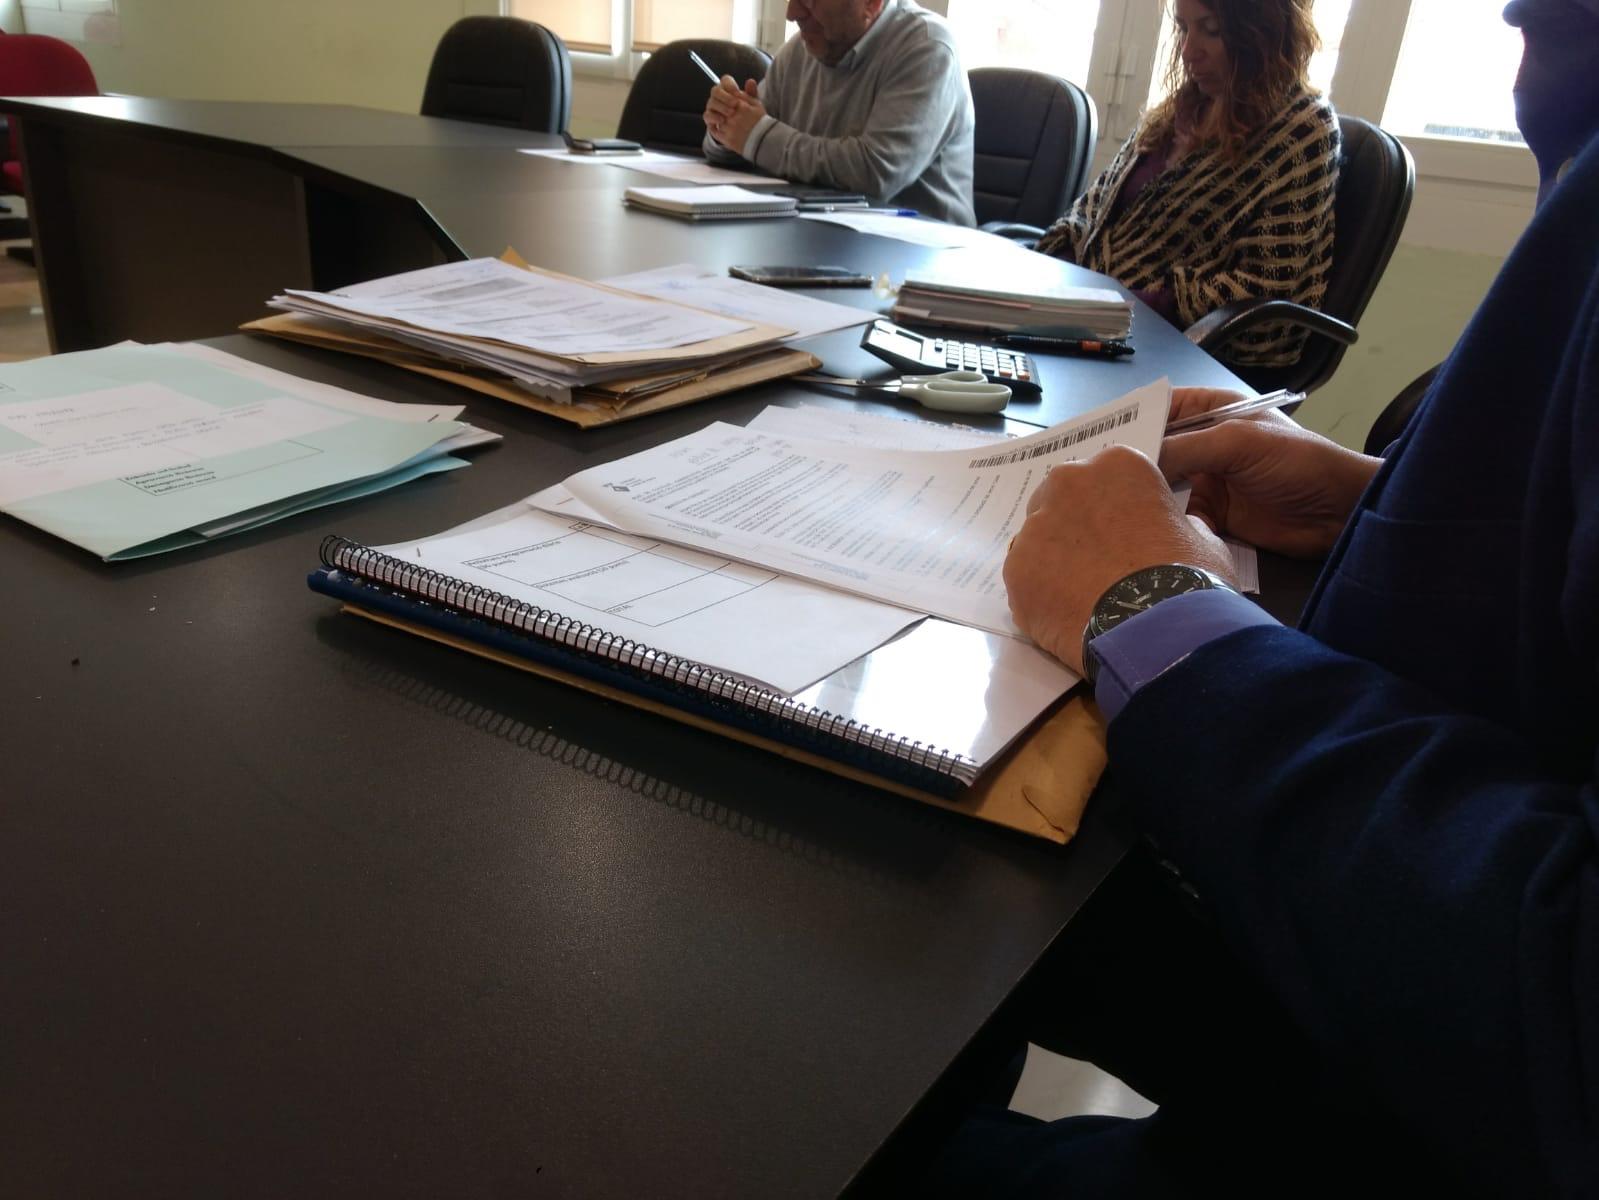 Aquest dimecres s'ha reunit per segona vegada la Mesa de Contractació per a la licitació dels serveis de Casal d'Estiu i Casal de Nadal